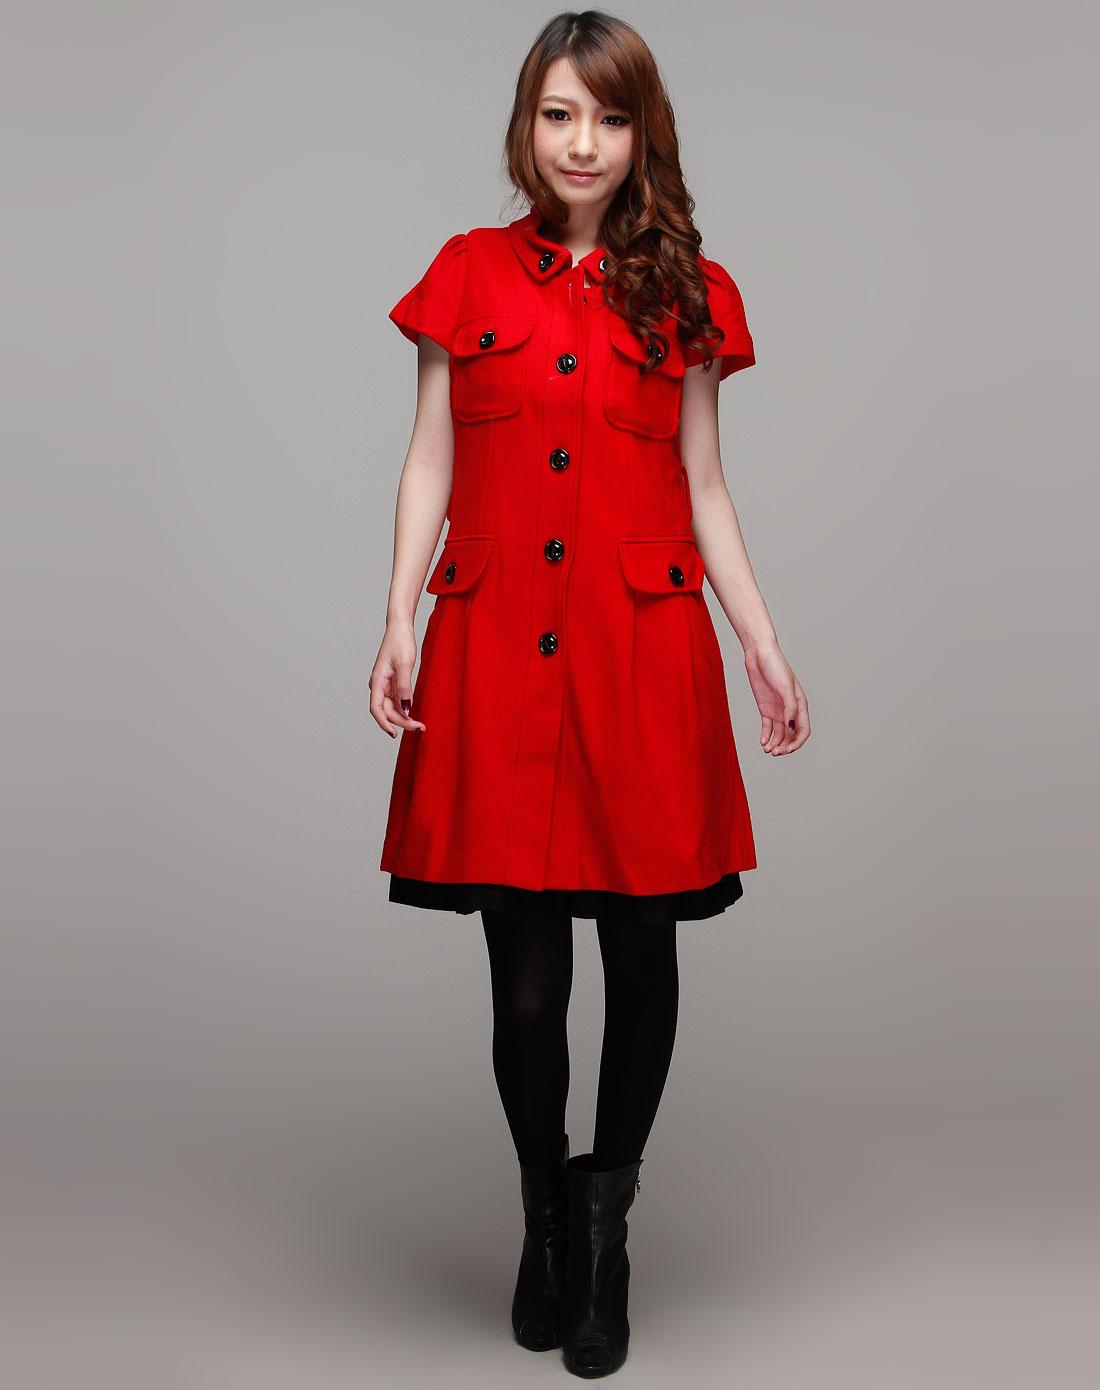 奥诗丹ostin红色时尚短袖大衣o240503121